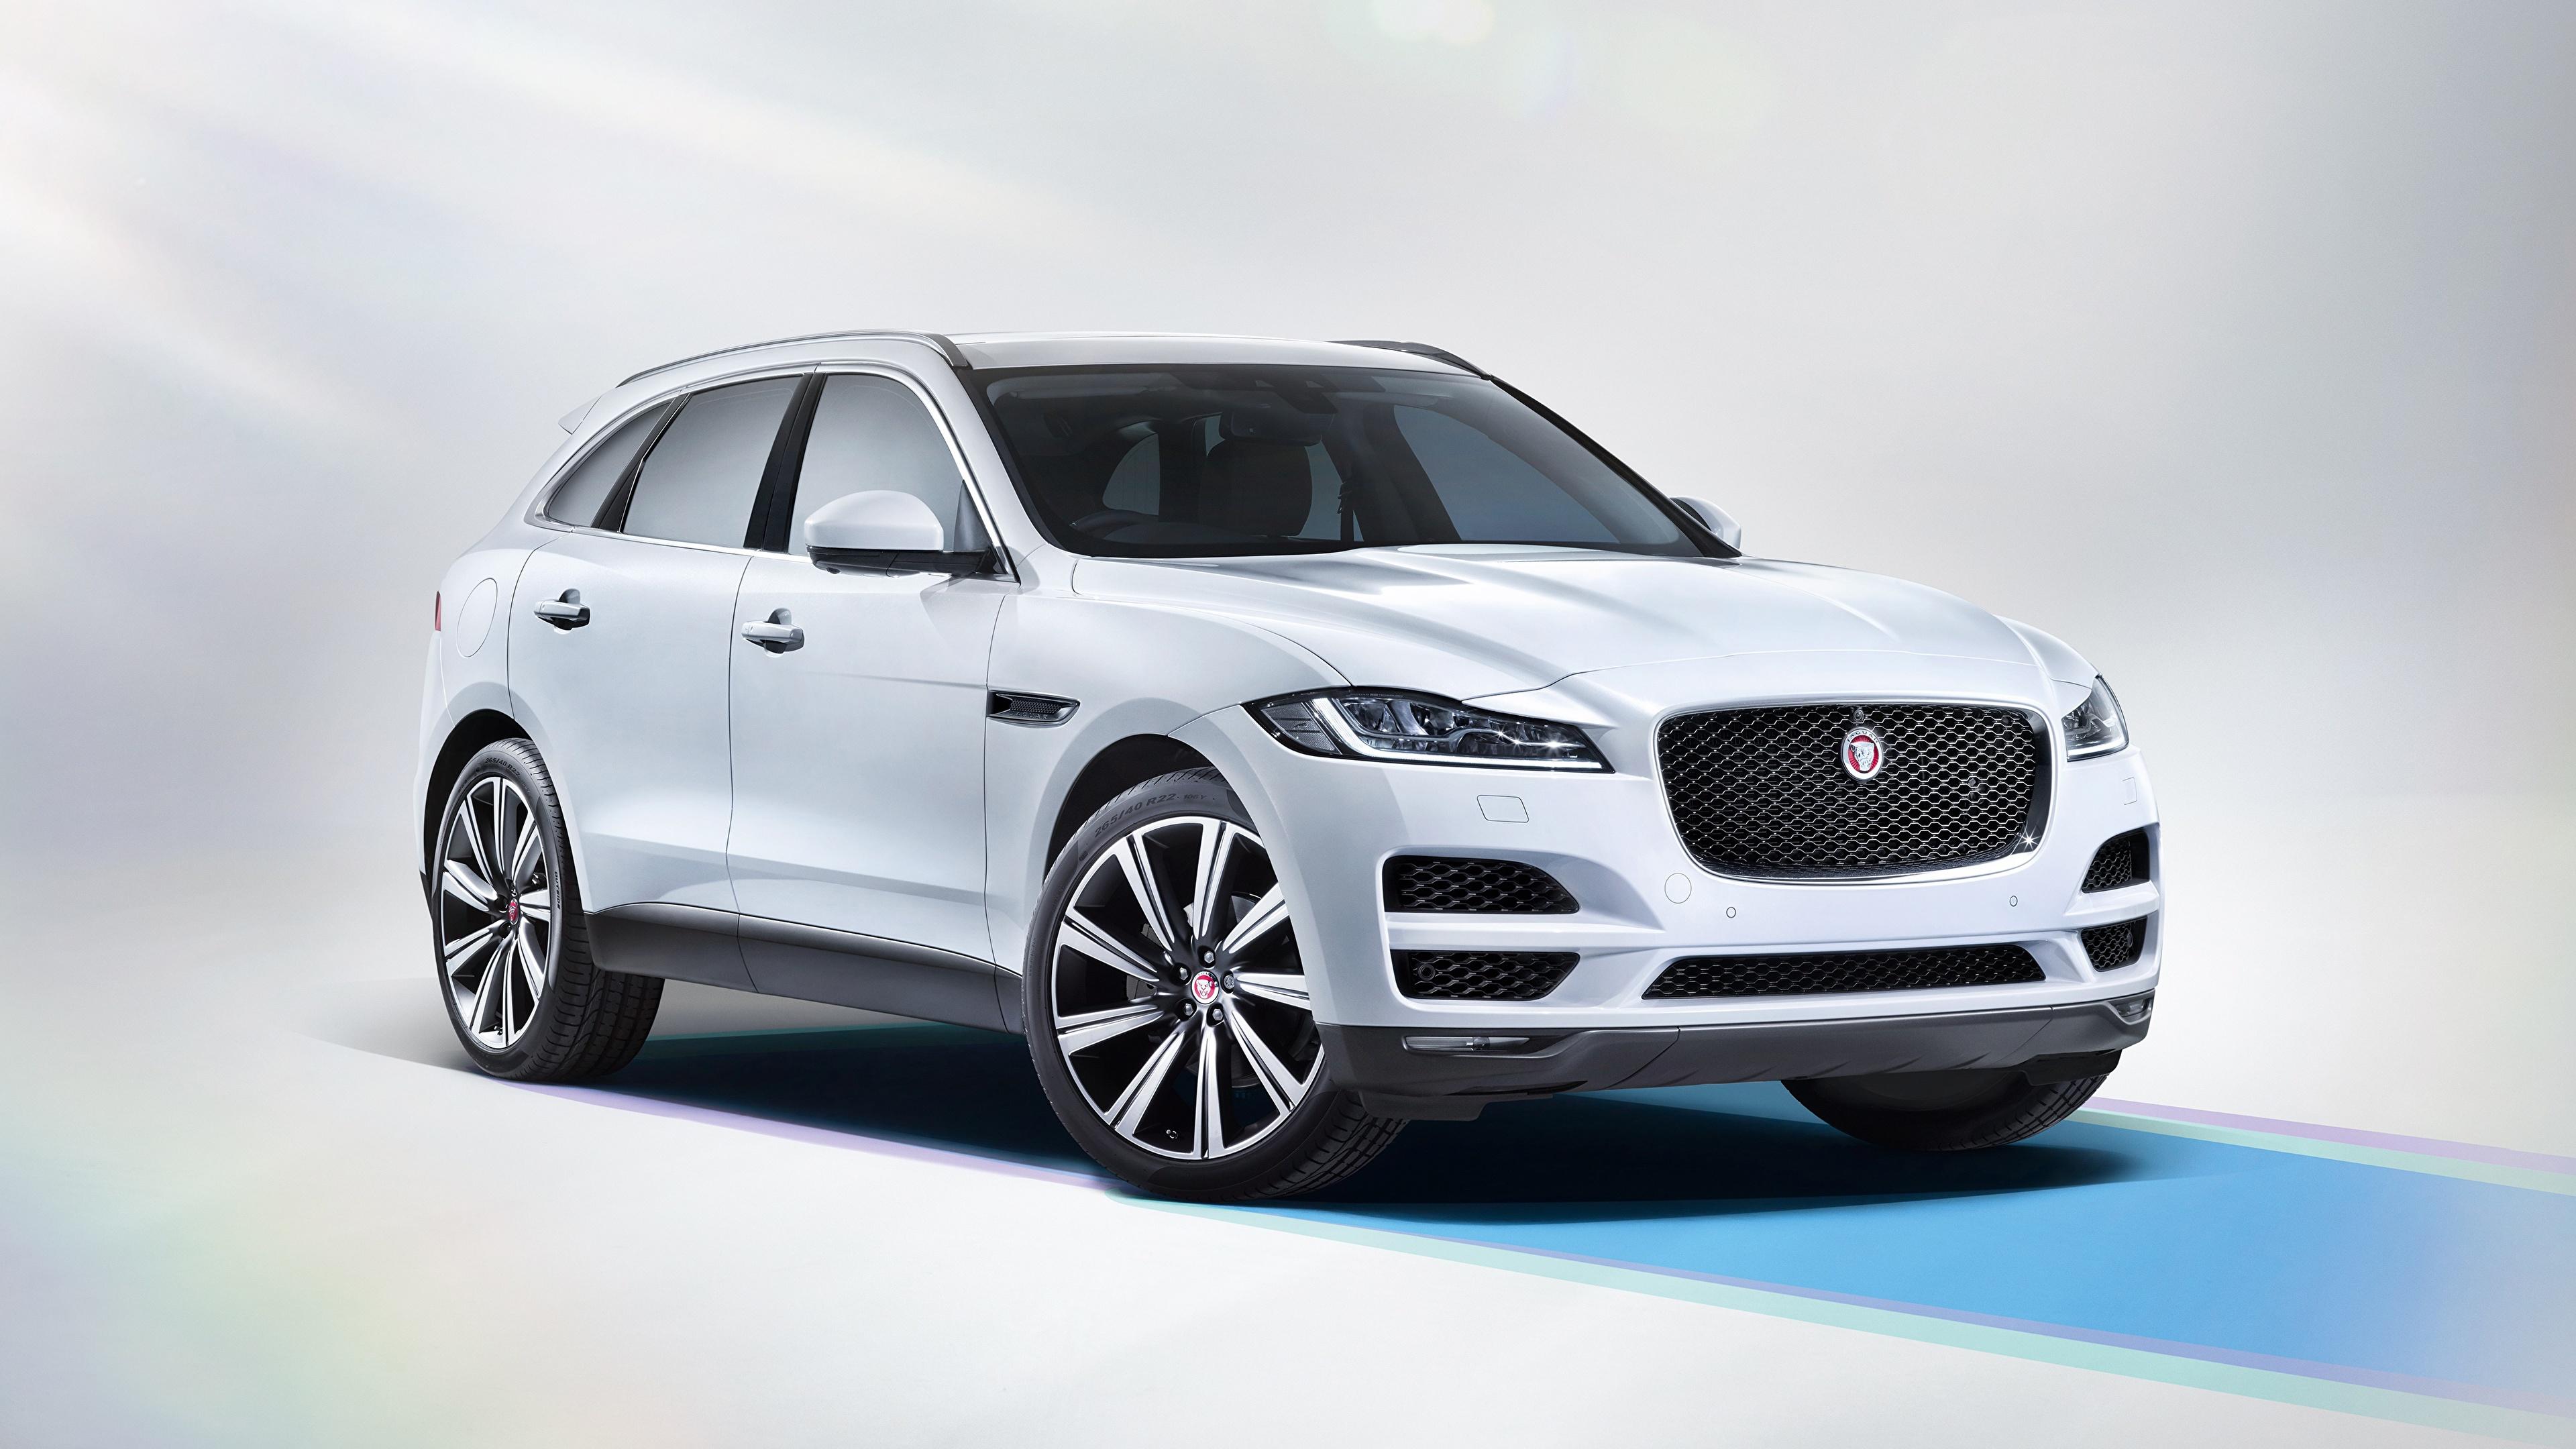 Фотографии Ягуар Кроссовер F-Pace, Portfolio 20d AWD, UK-spec, 2016 белые автомобиль 3840x2160 Jaguar CUV белая Белый белых авто машины машина Автомобили